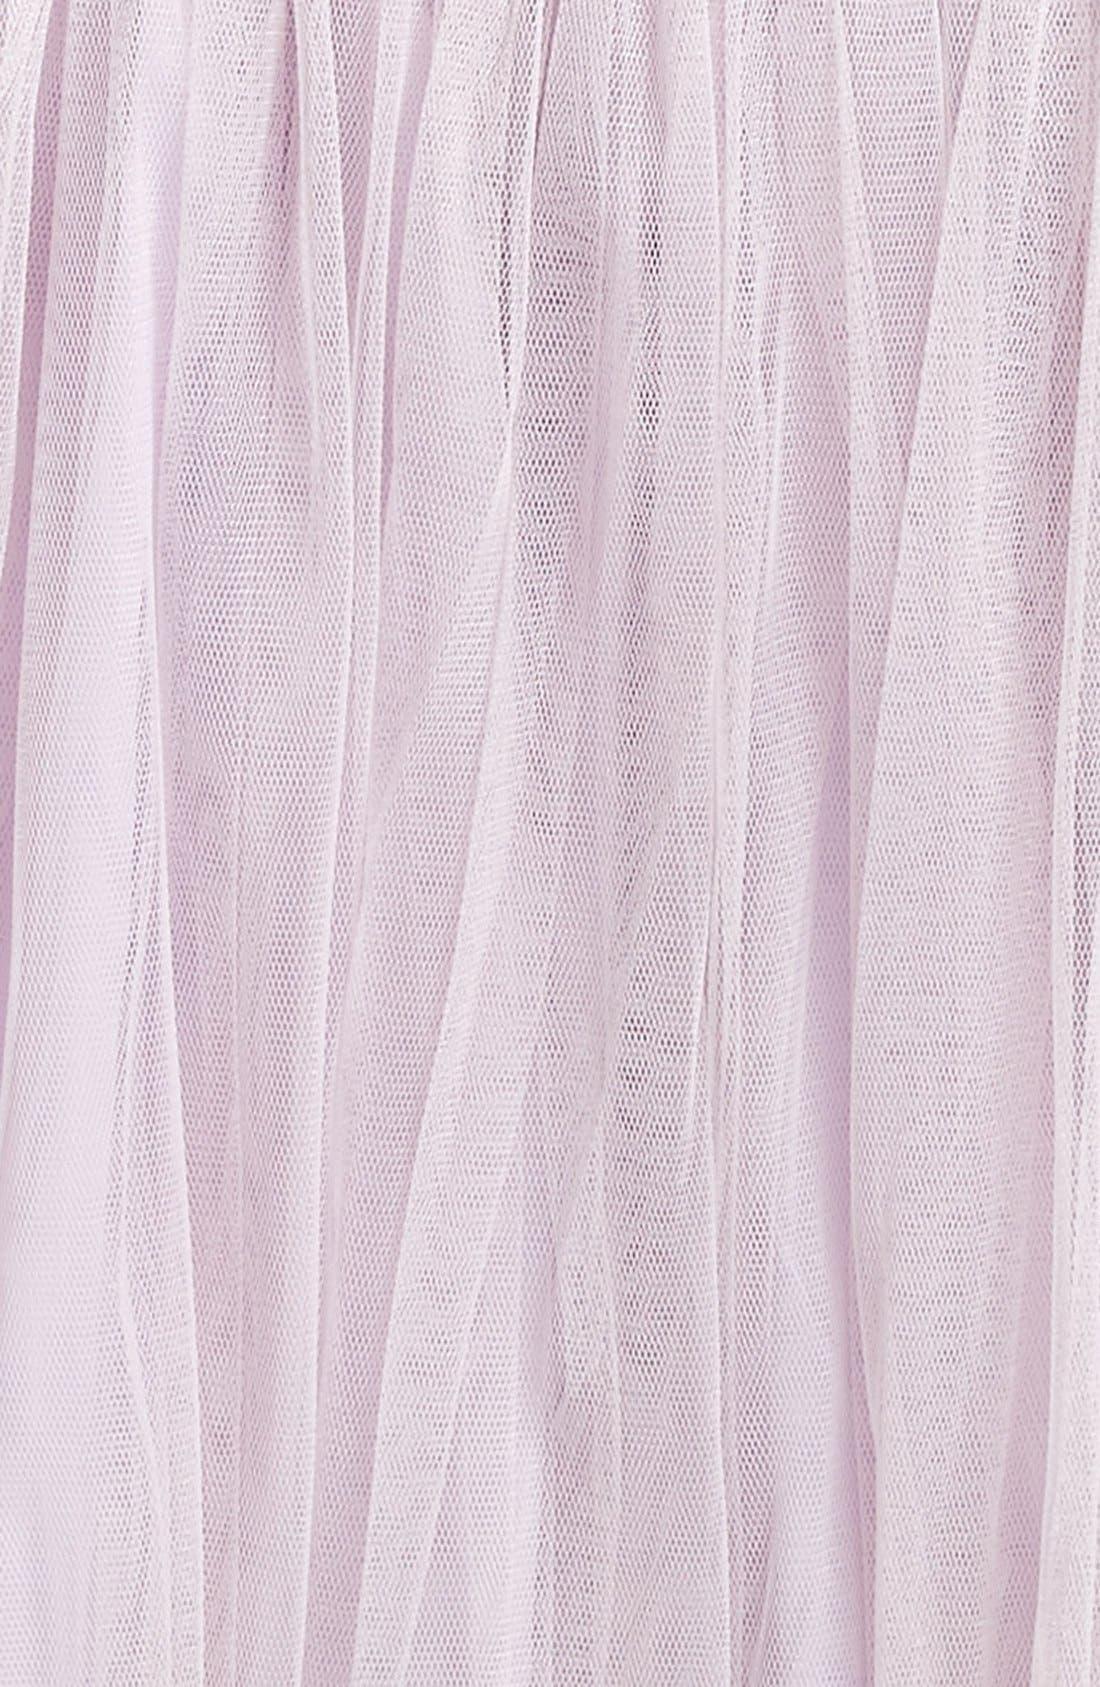 Empire Waist Lace Dress,                             Alternate thumbnail 2, color,                             530